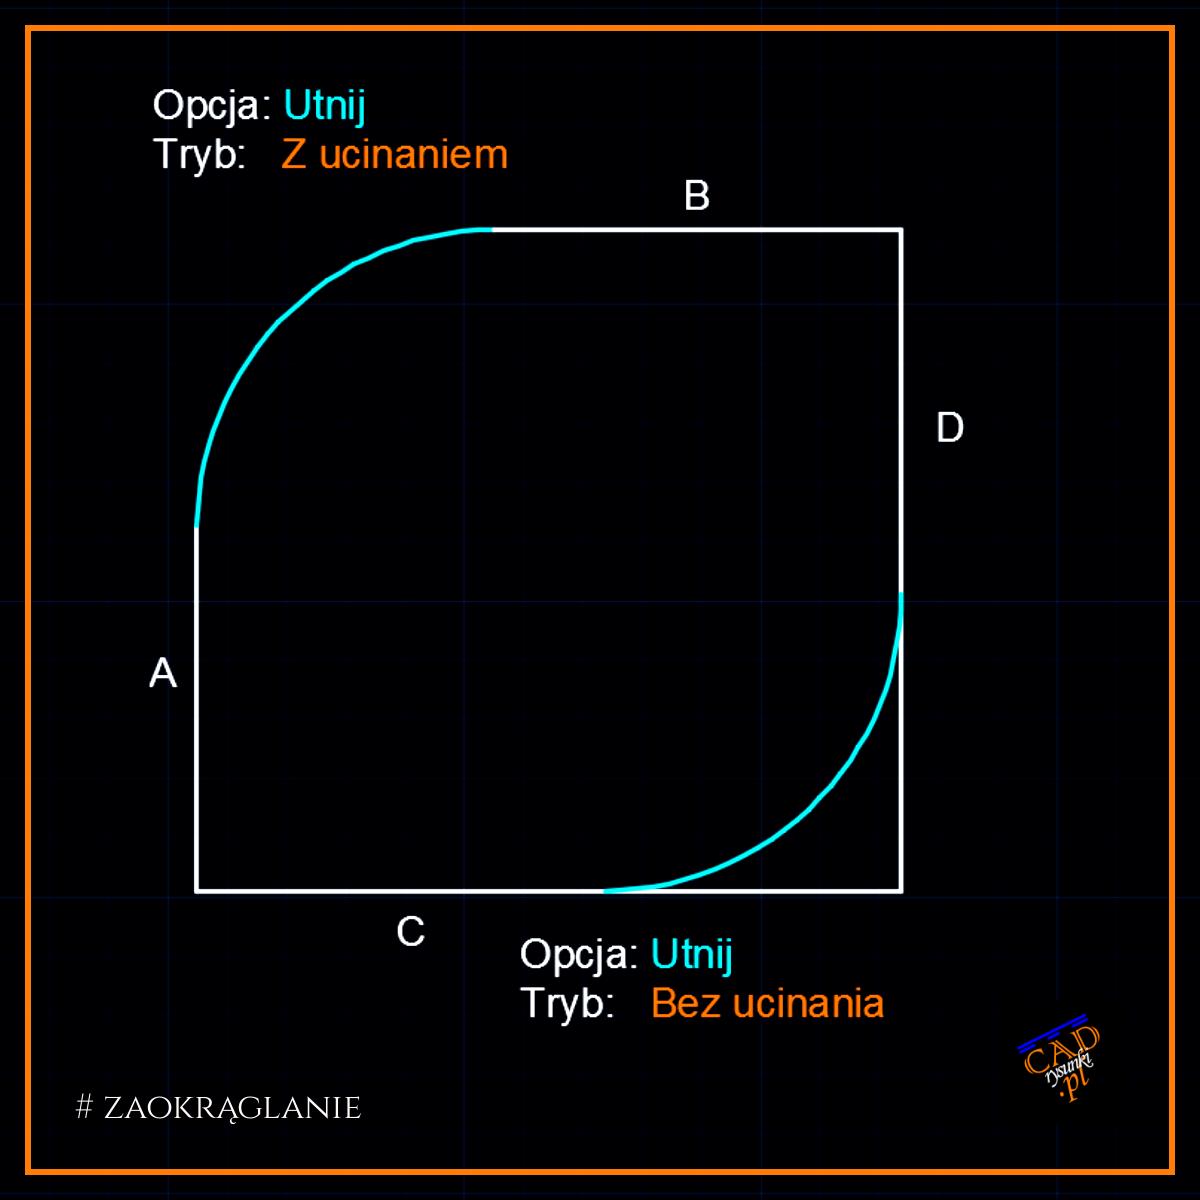 Metoda zaokrąglenia narożników obiektu przy zastosowaniu trybu z ucinaniem oraz bez ucinania przyległych krawędzi. Dodatkowo krótki opis pozostalych opcji narzędzia zaokrąglij.